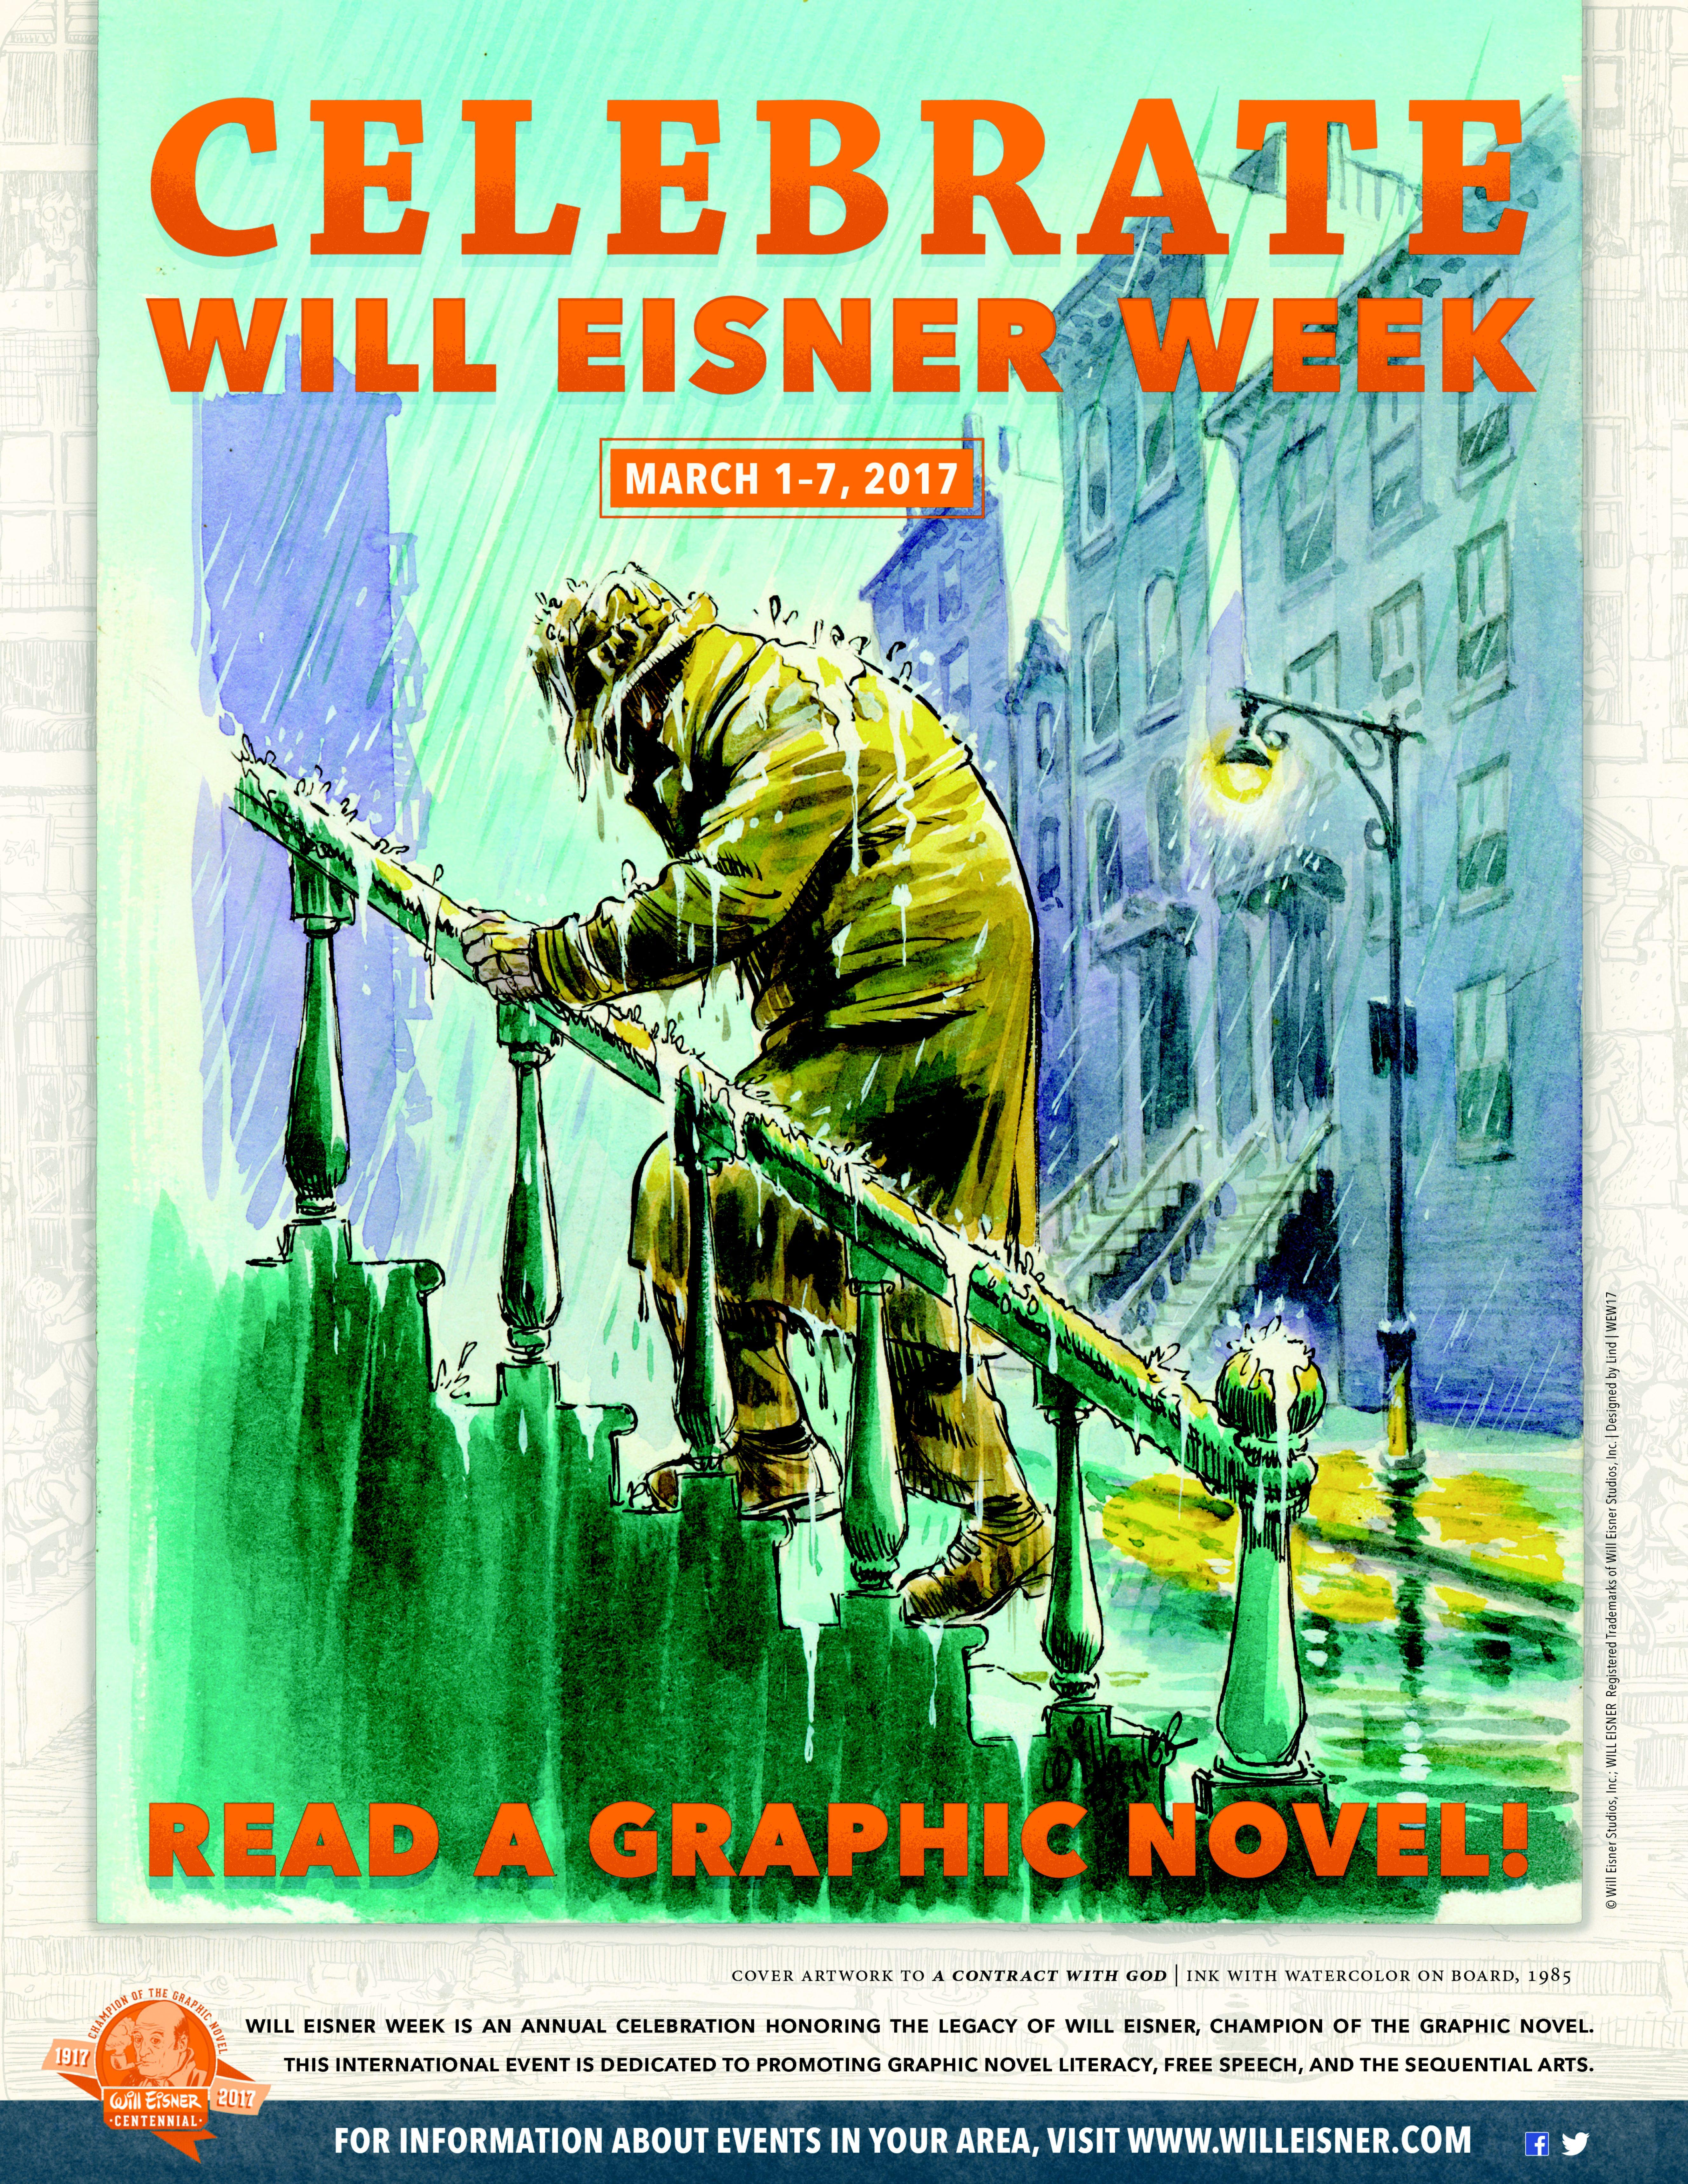 http://www.willeisner.com/will_eisner_week/WEFF_WEW2017_8.5x11.jpg